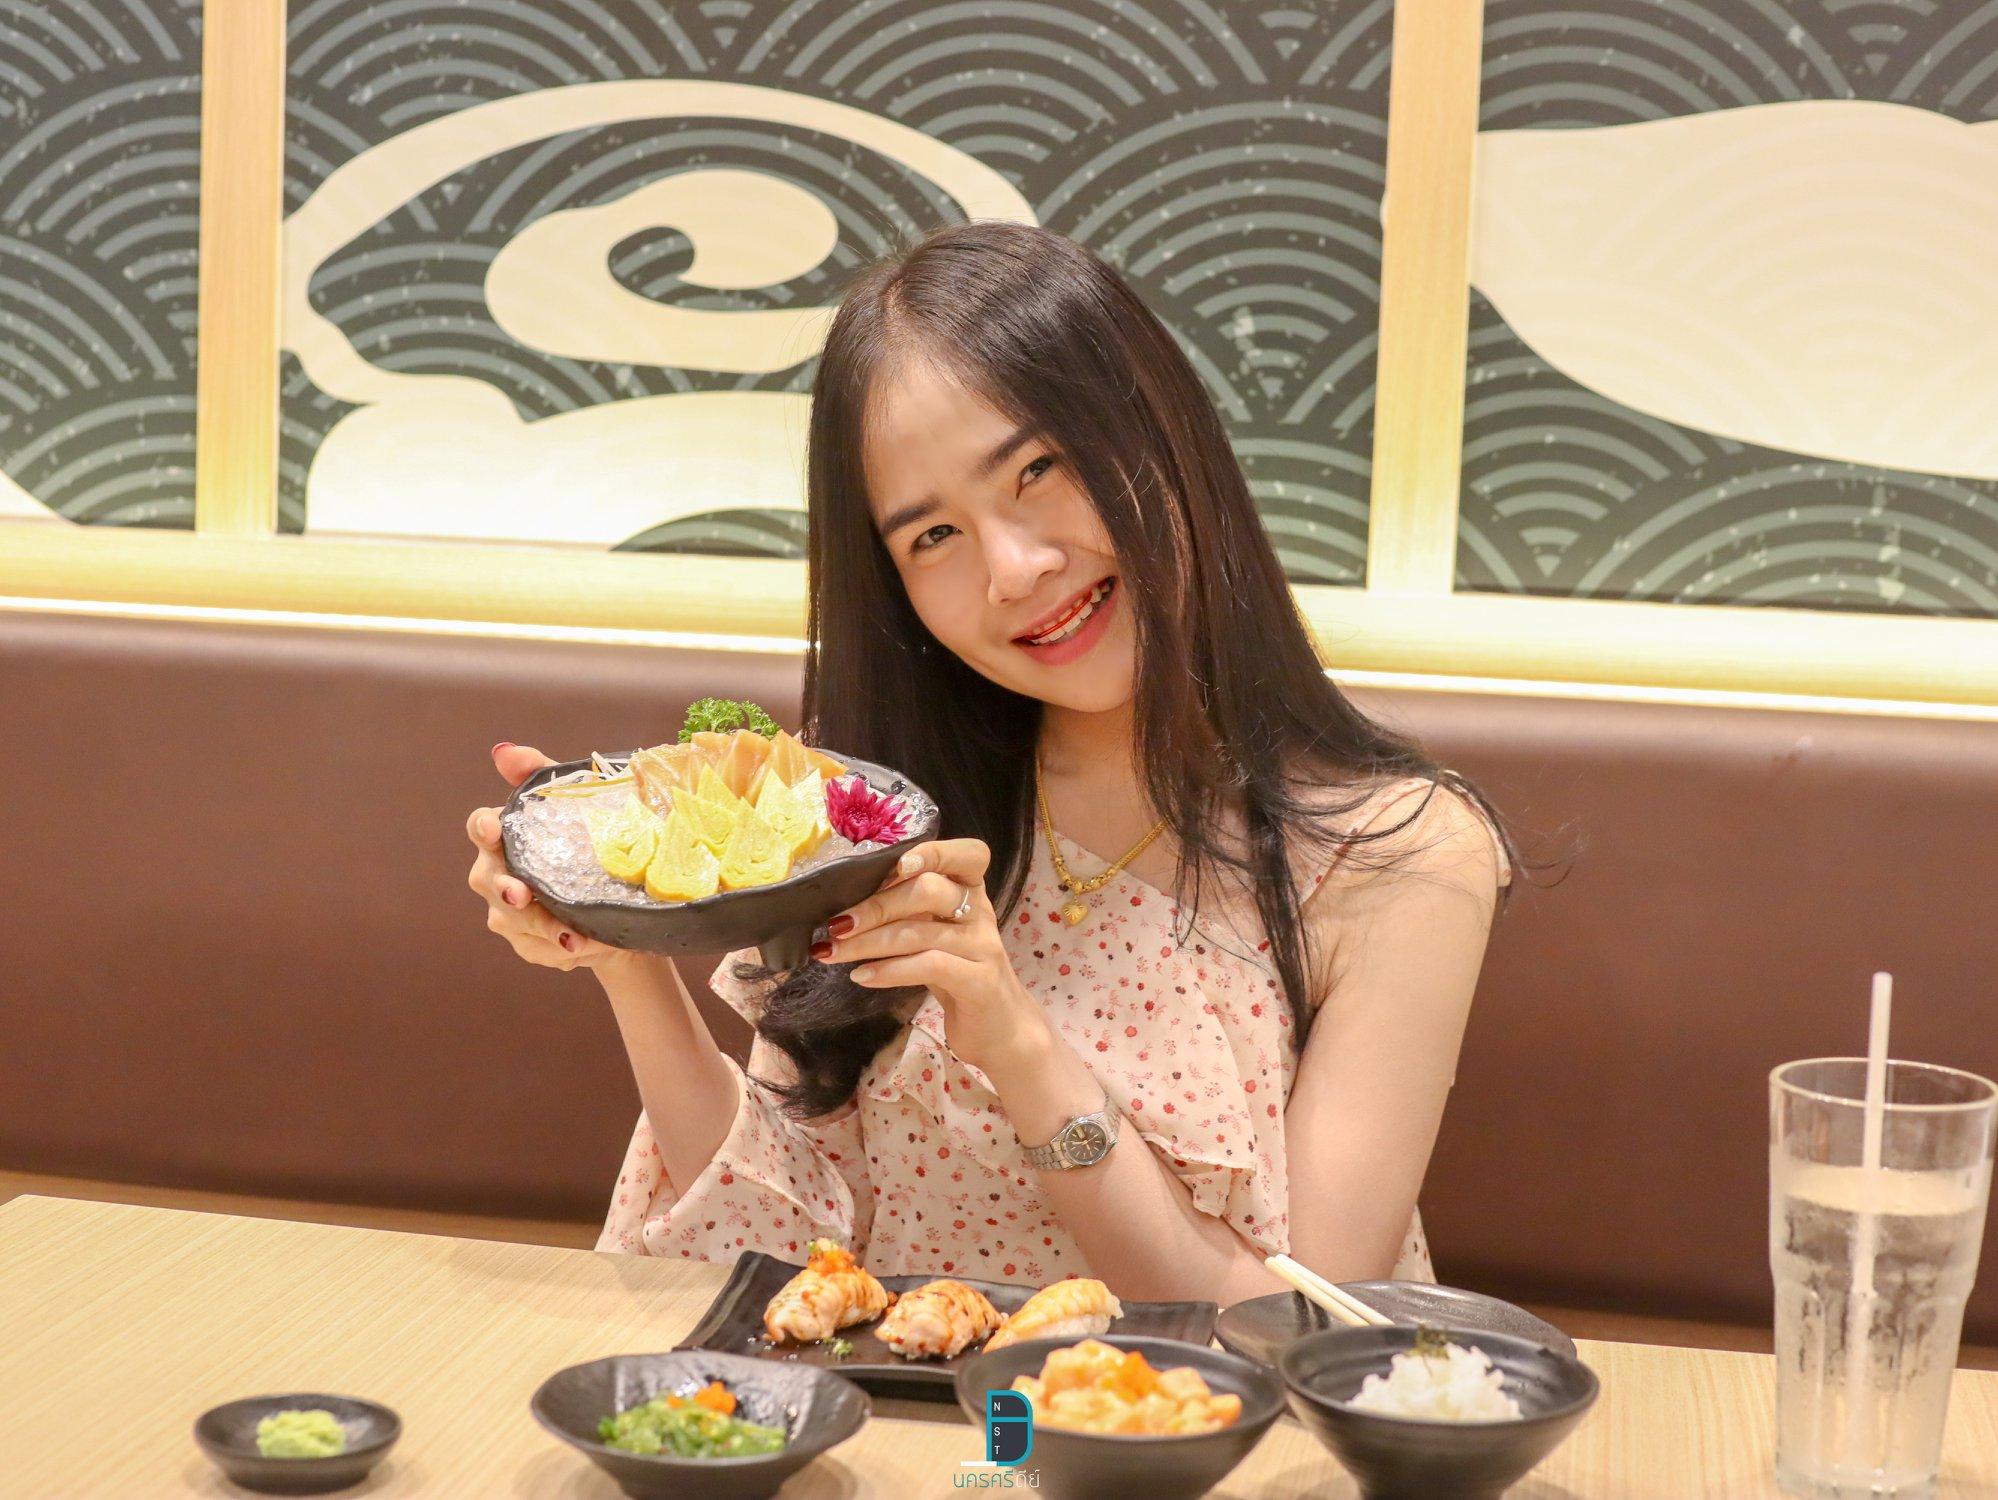 Sushi TORO สหไทยพลาซ่า นครศรีธรรมราช ร้านอาหารญี่ปุ่นอร่อยเด็ด บุฟเฟ่ต์ อะลาคาร์ท นครศรีดีย์